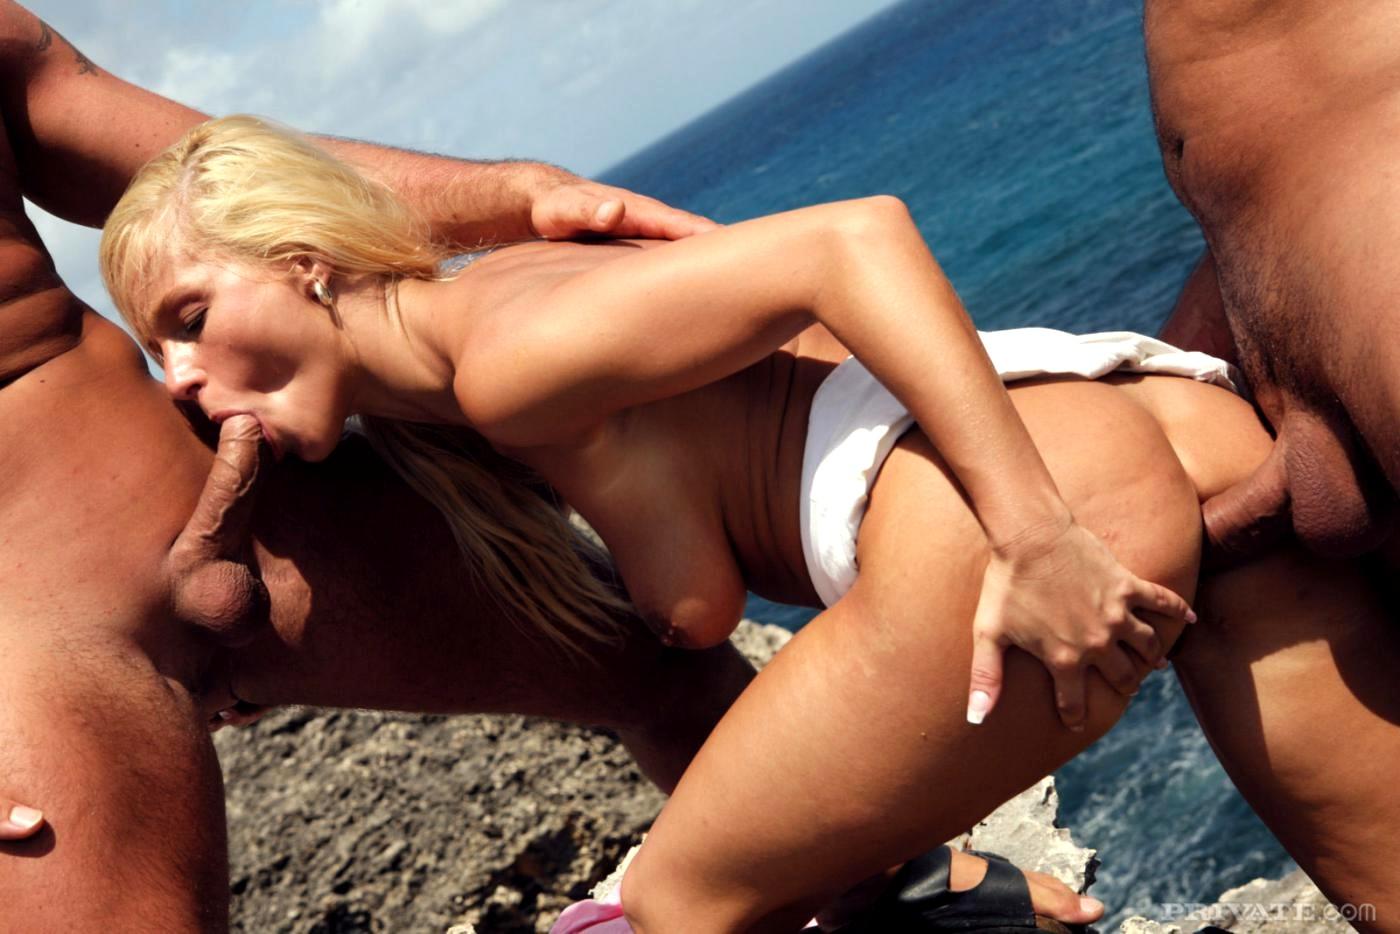 Порно на пляже в днепре, русское порно соседка подглядывала за соседом в бане